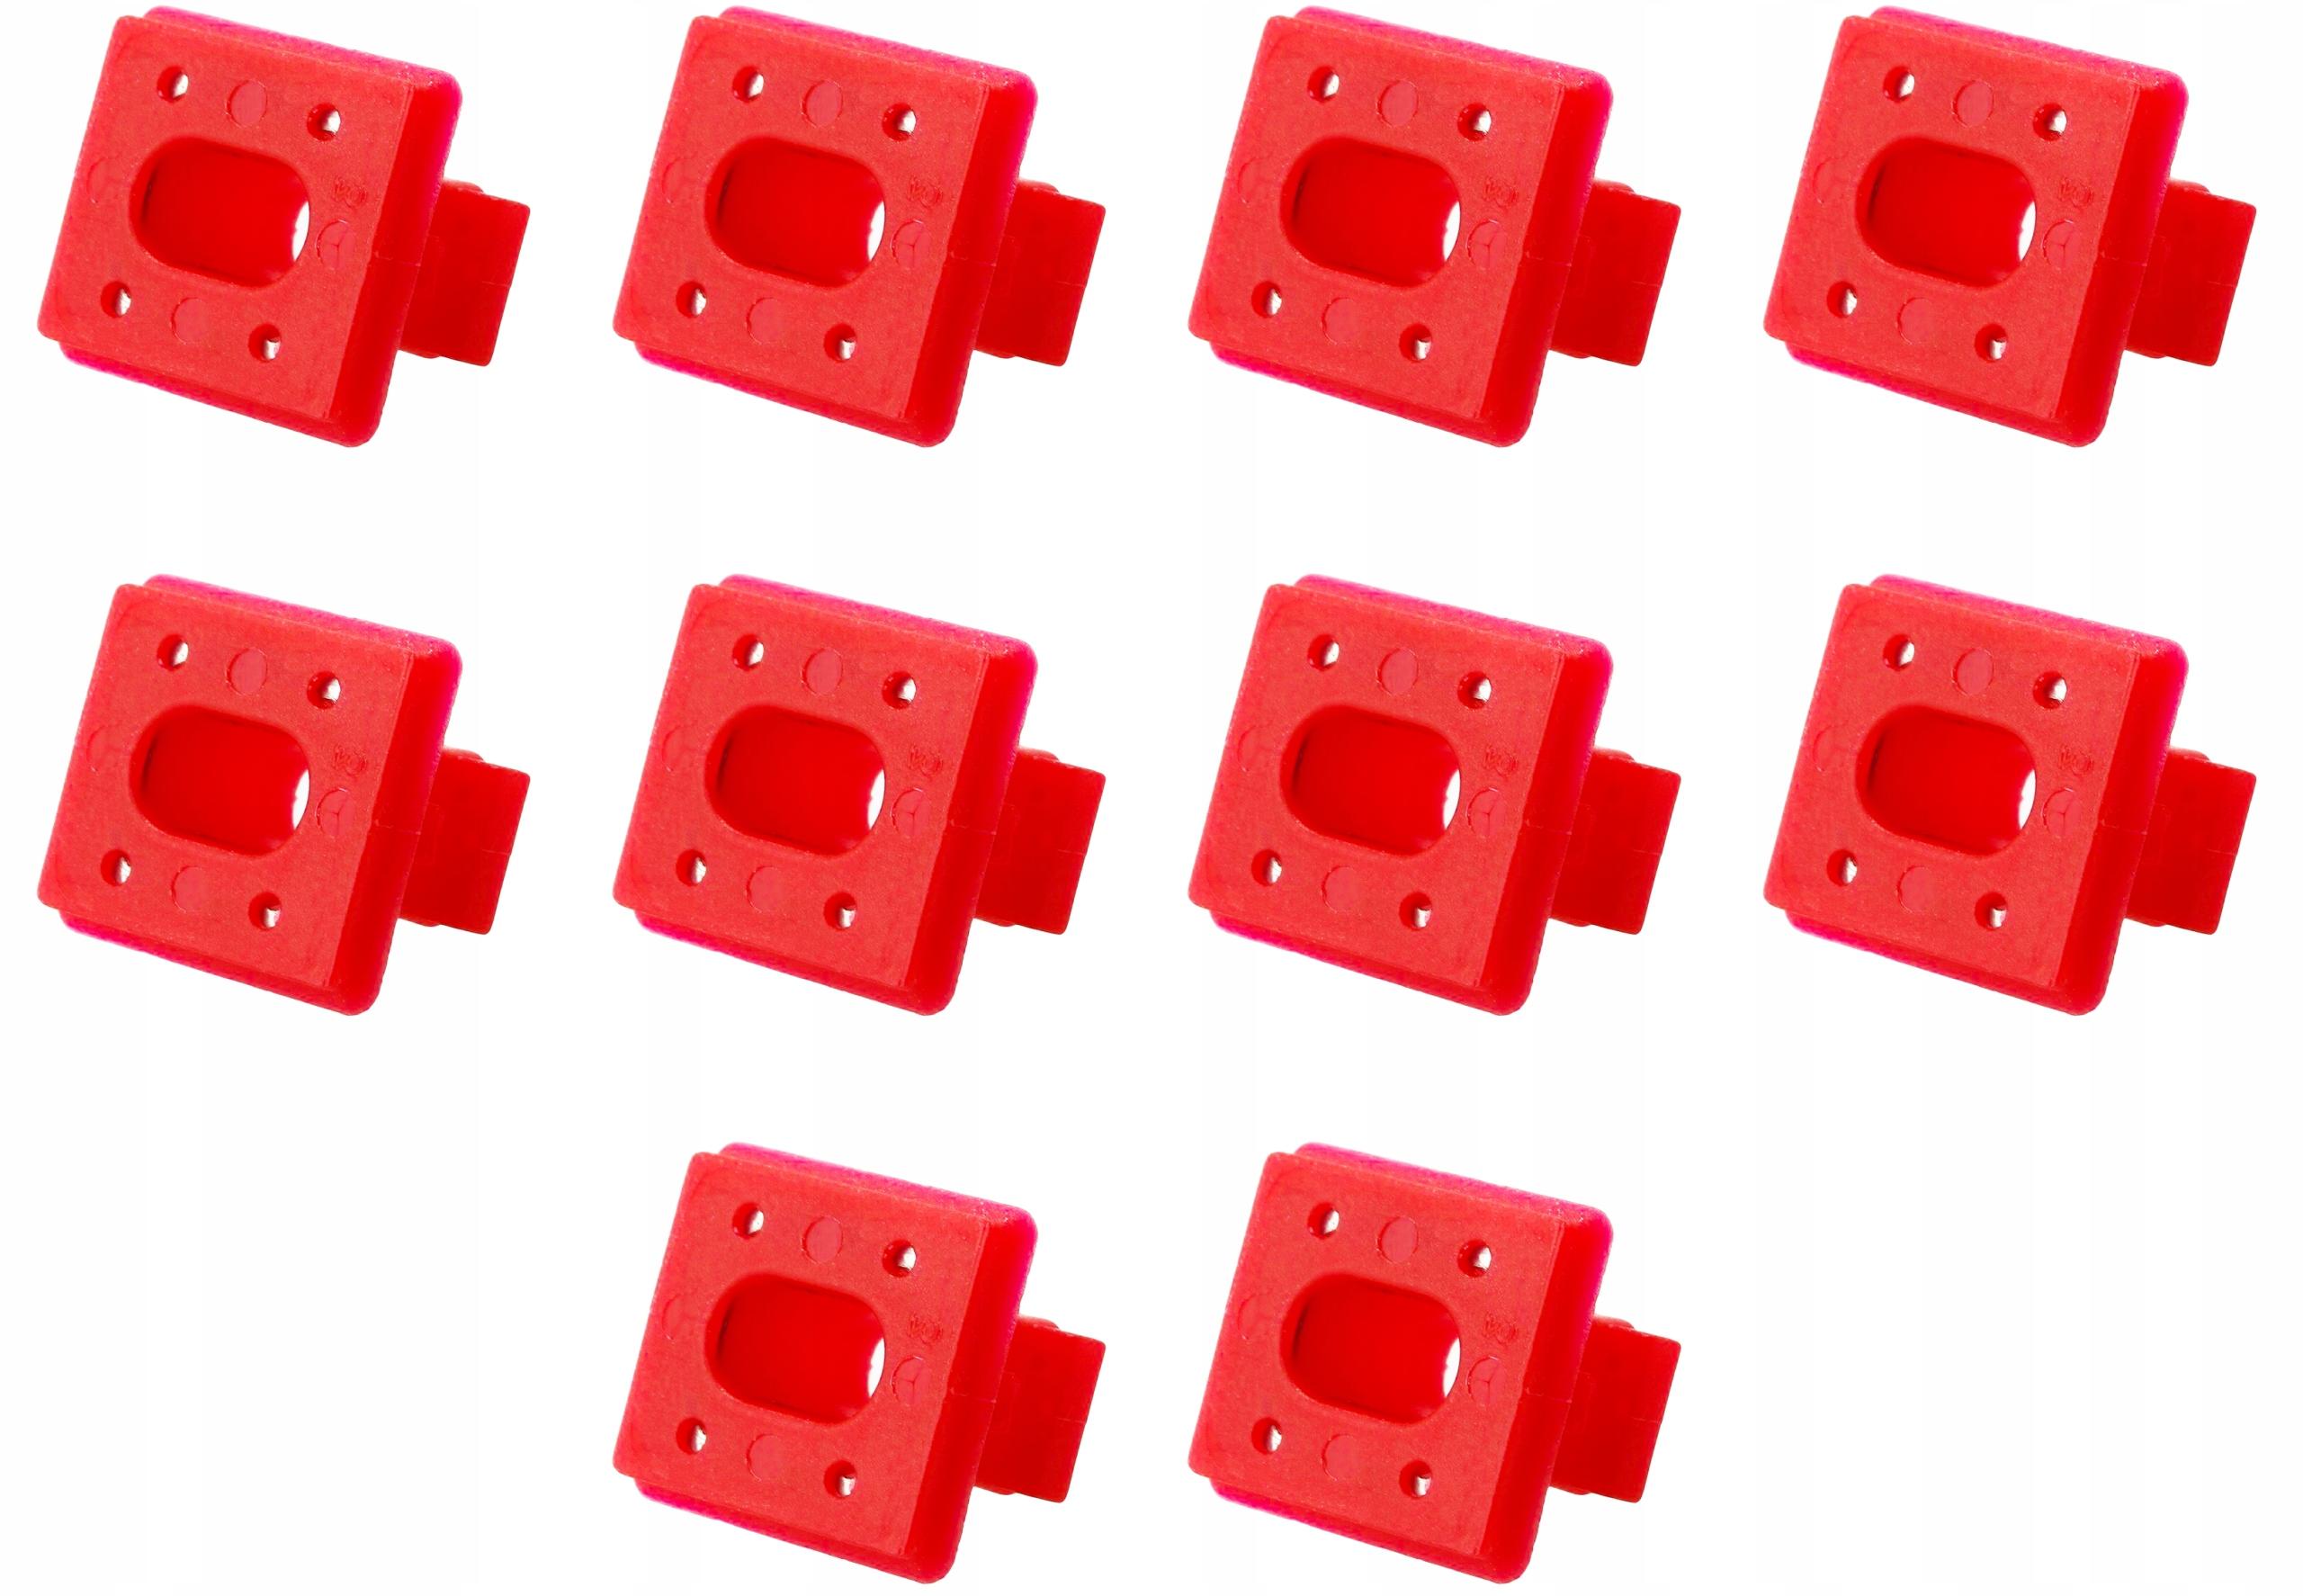 10x шпилька кубик гнездо плинтуса bmw 3 e46 e65 e83